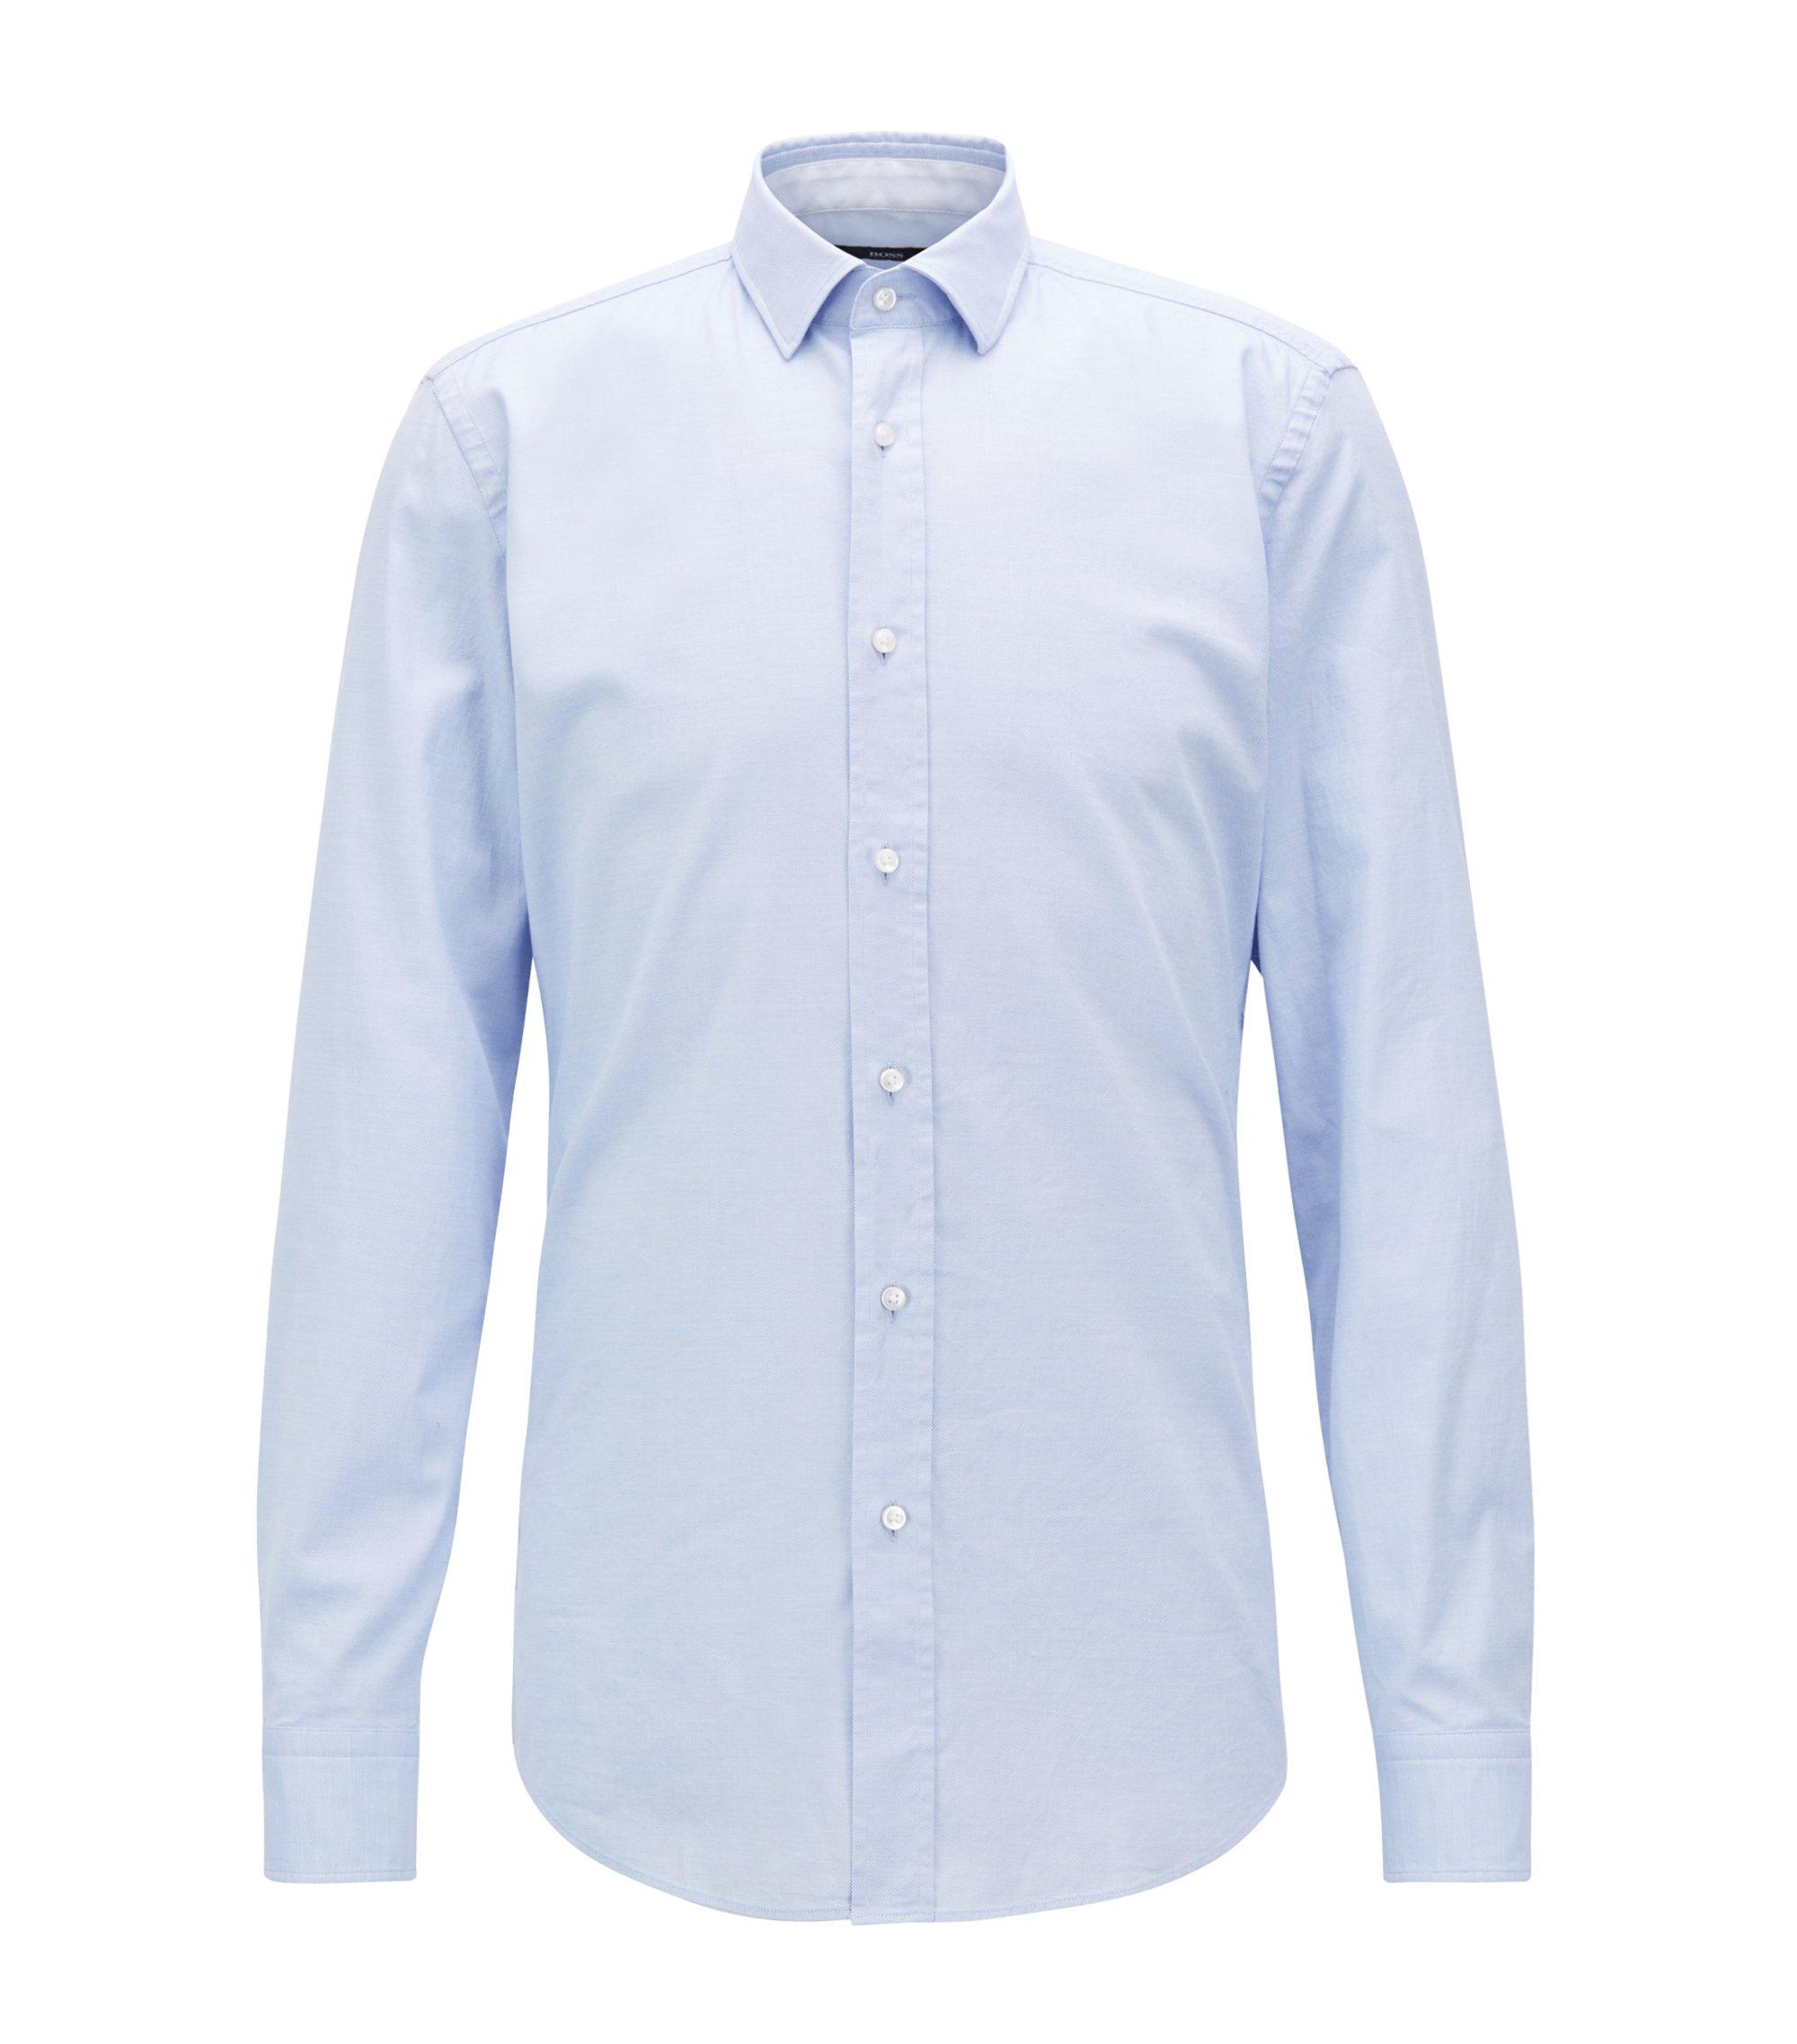 Chemise Slim Fit en coton stretch lavé à micromotif, Bleu vif